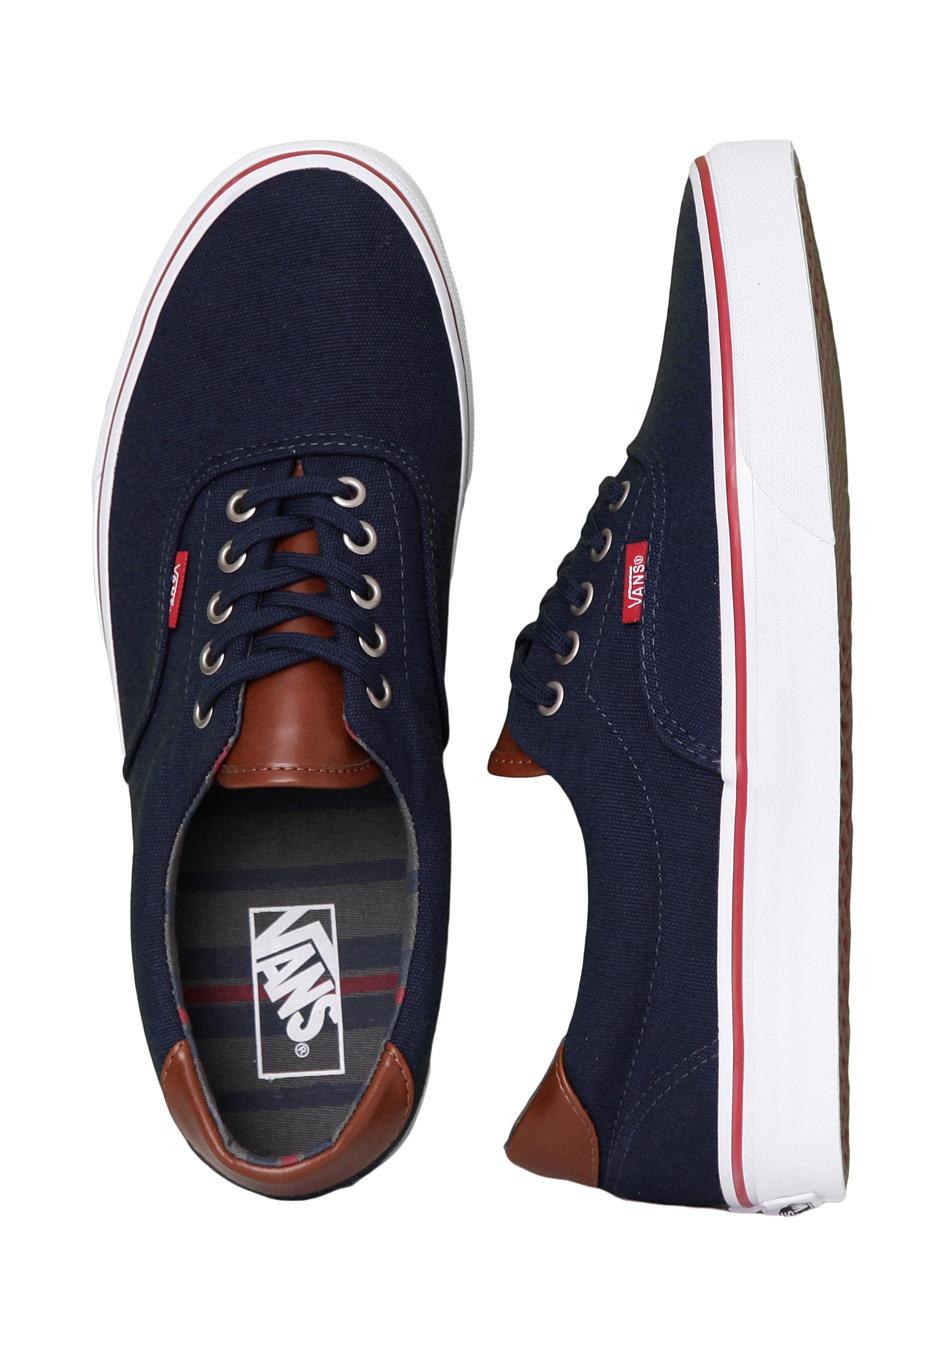 80c8288c1d Vans - Era 59 C L Navy Stripes - Shoes - Impericon.com UK